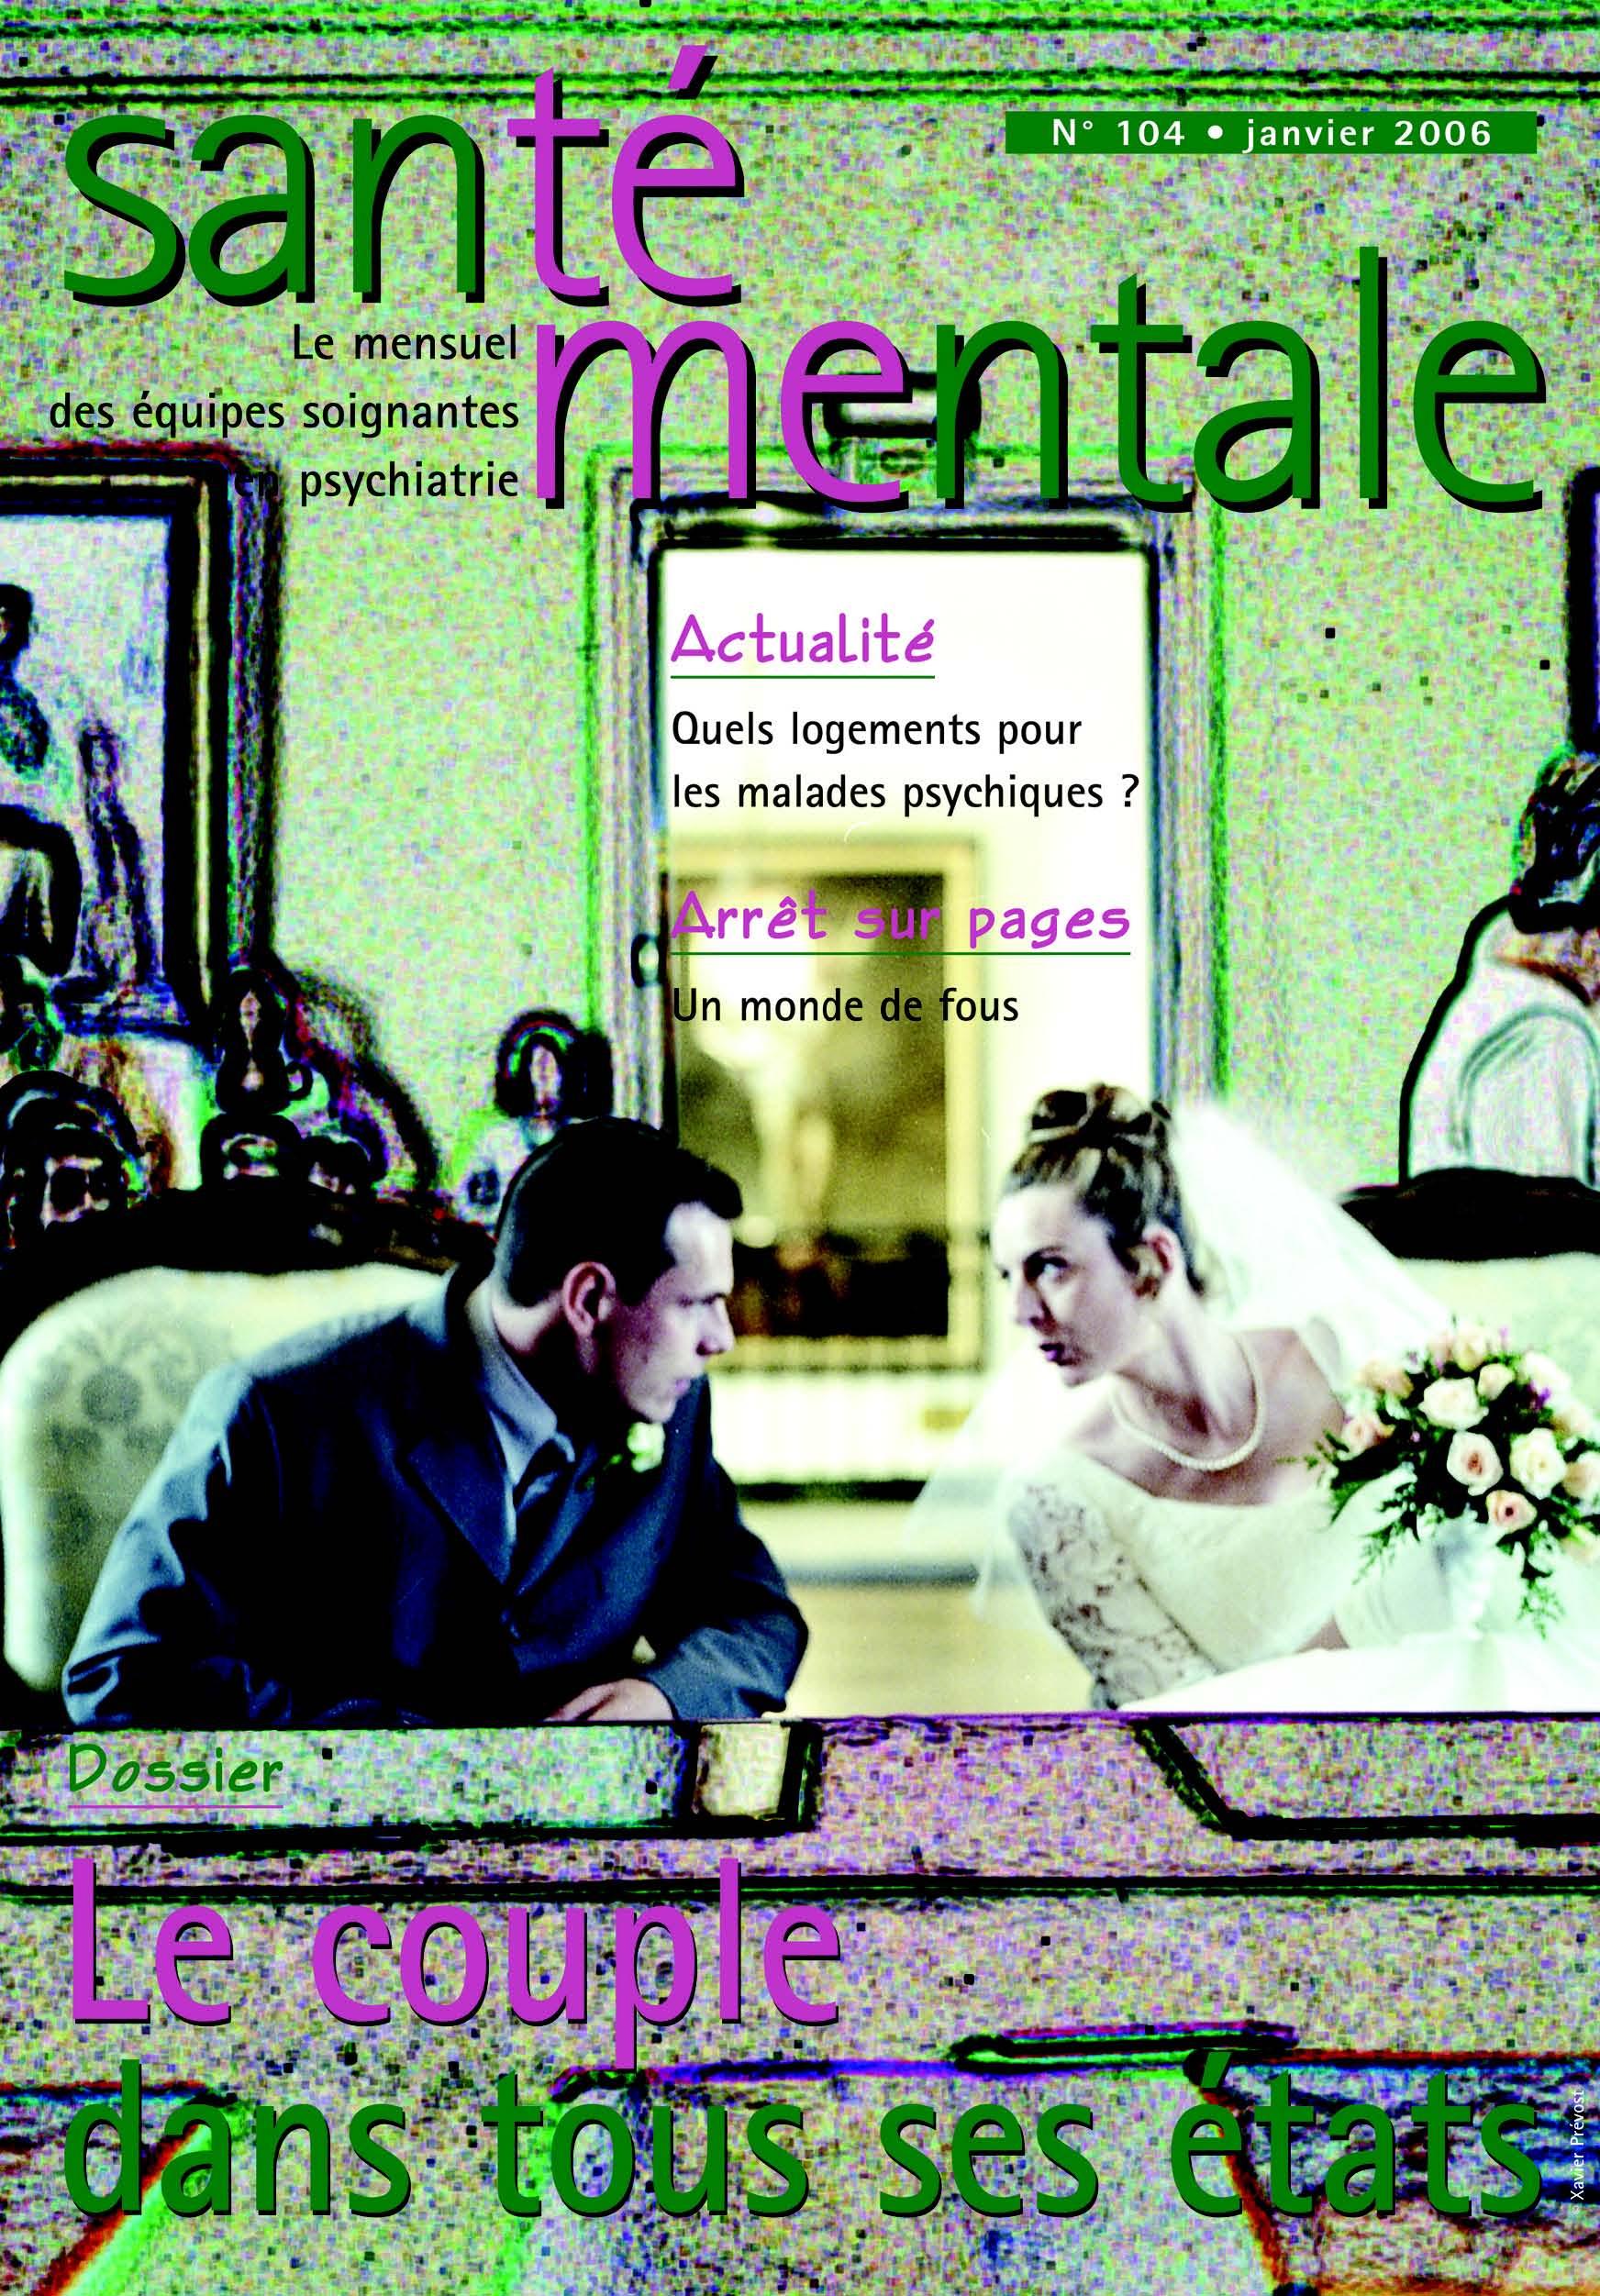 Couverture N°104 janvier 2006